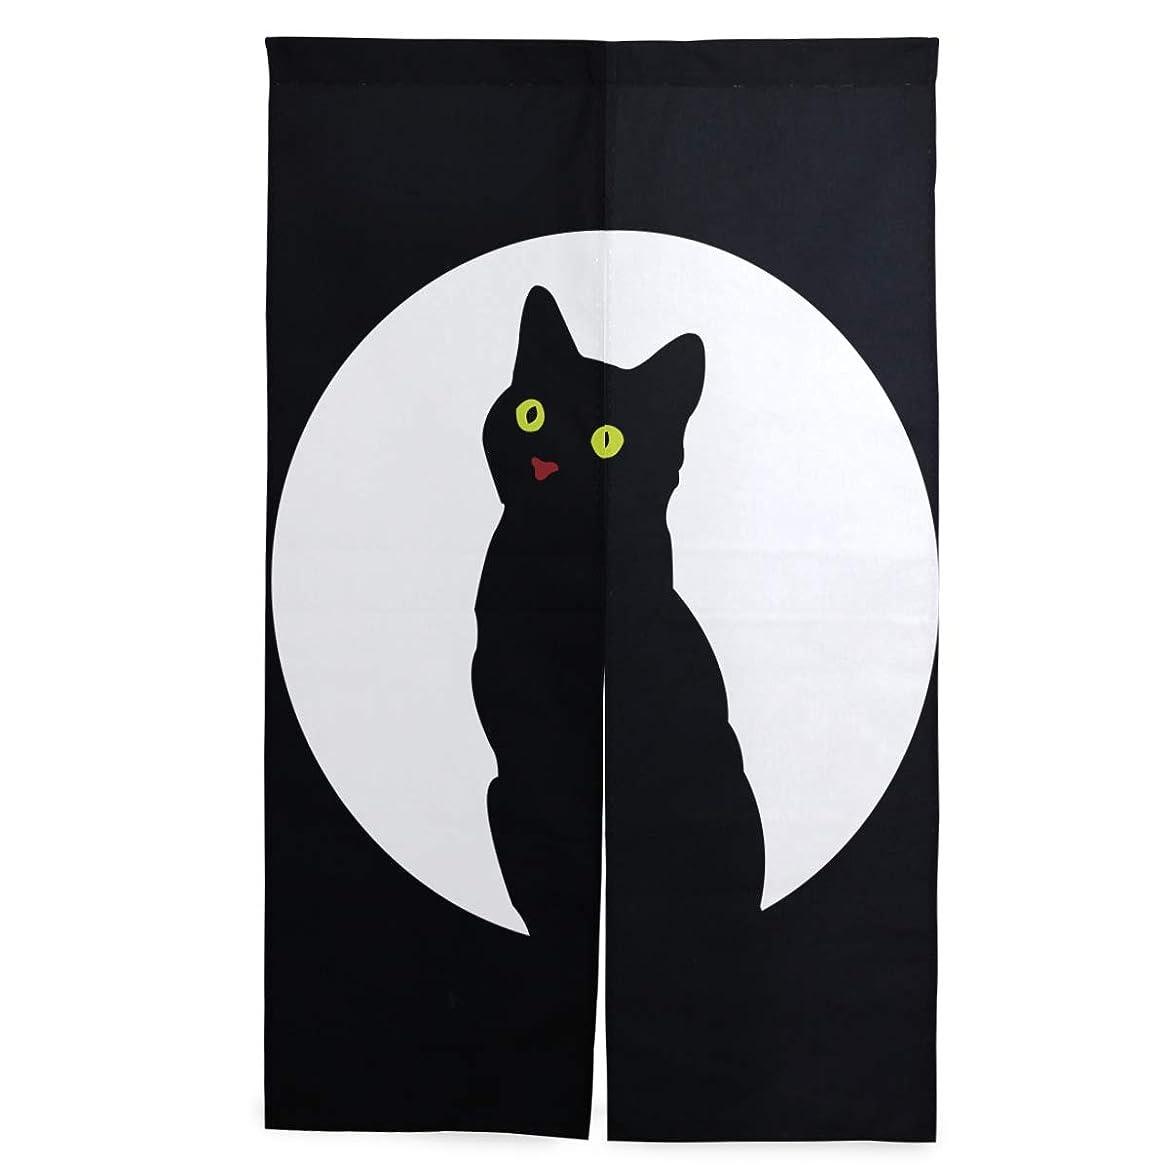 アロングオートケントマキク(MAKIKU) のれん おしゃれ ロング 暖簾 黒猫 猫柄 洗濯可 突っ張り棒付き 幅86cm×丈143cm